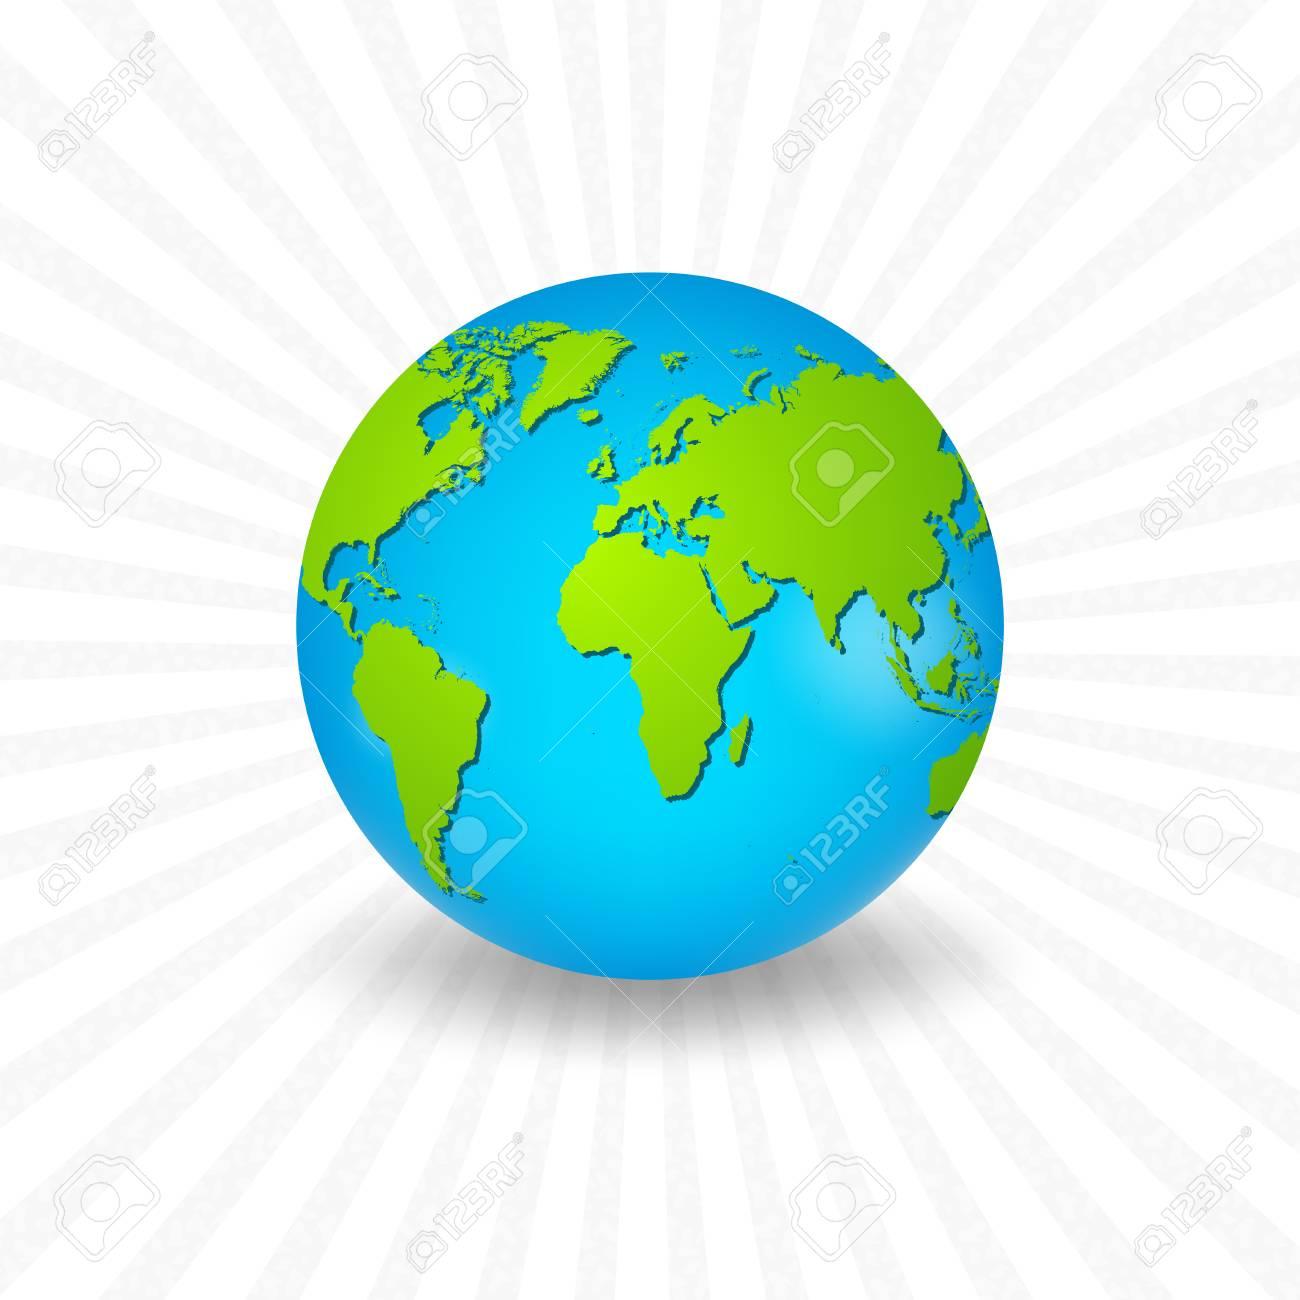 Carte Du Monde Realiste.Planete Terre Avec Une Carte Du Monde Realiste